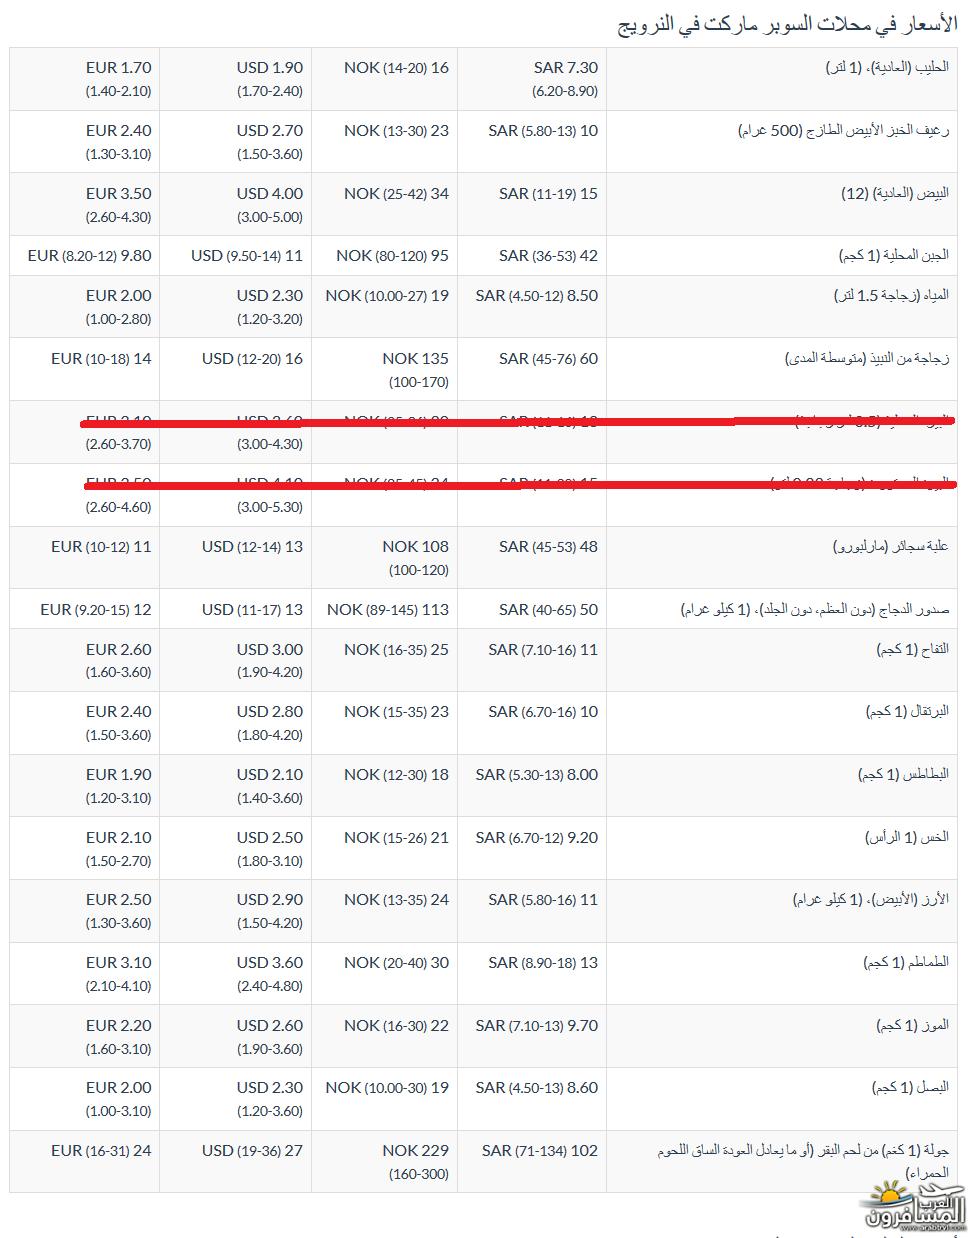 567246 المسافرون العرب معلومات عن الدول الاسكندنافية